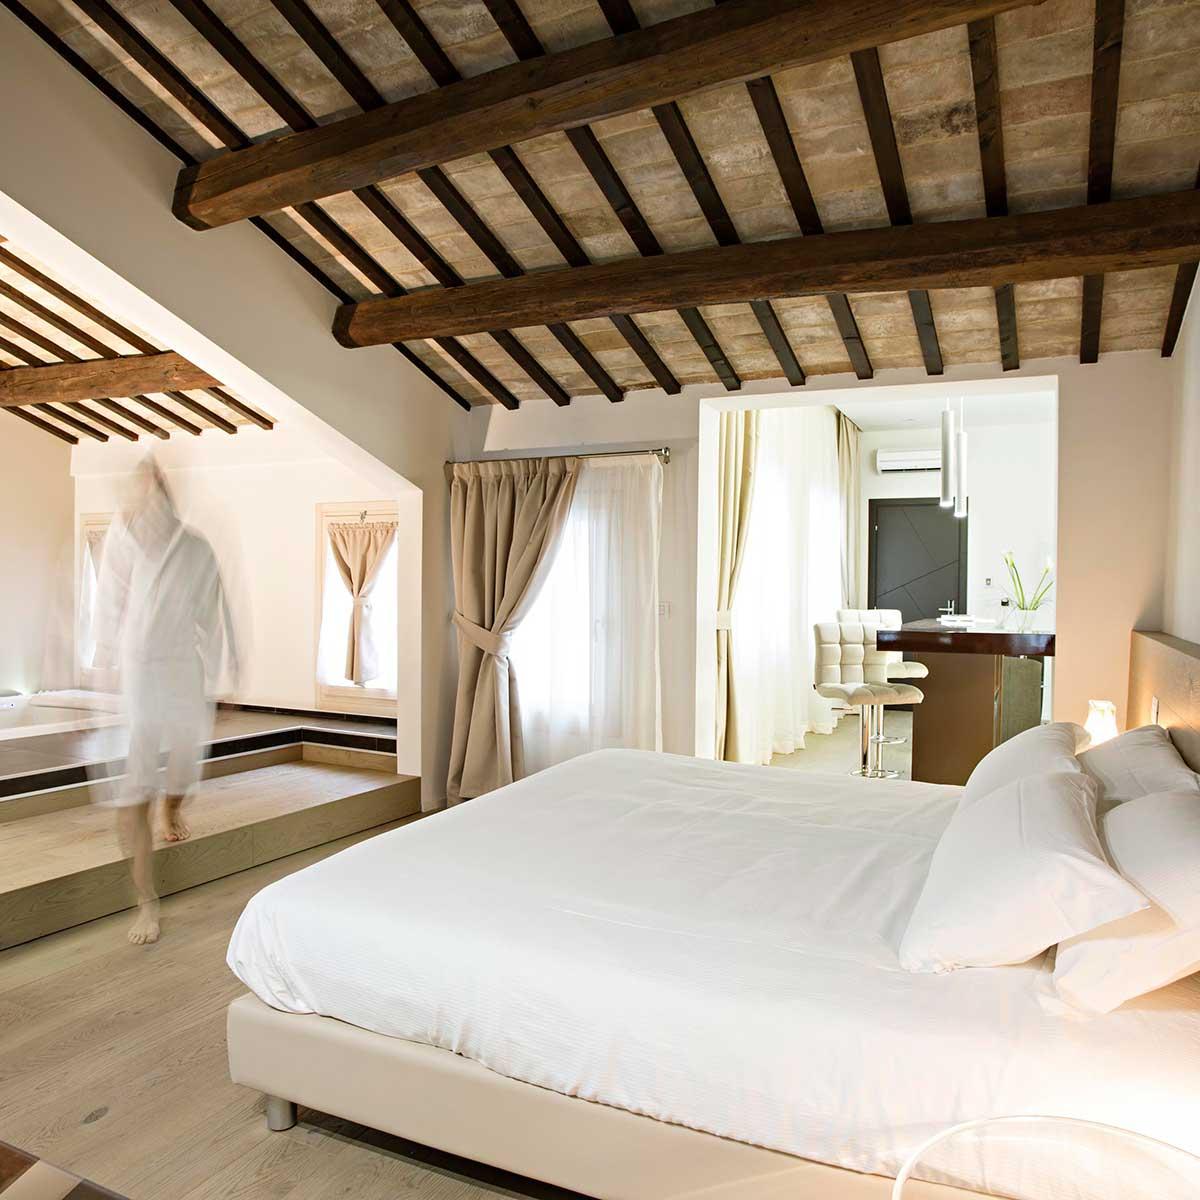 Letto A Castello A Ferrara.Home Borgoleoni 18 Room Breakfast